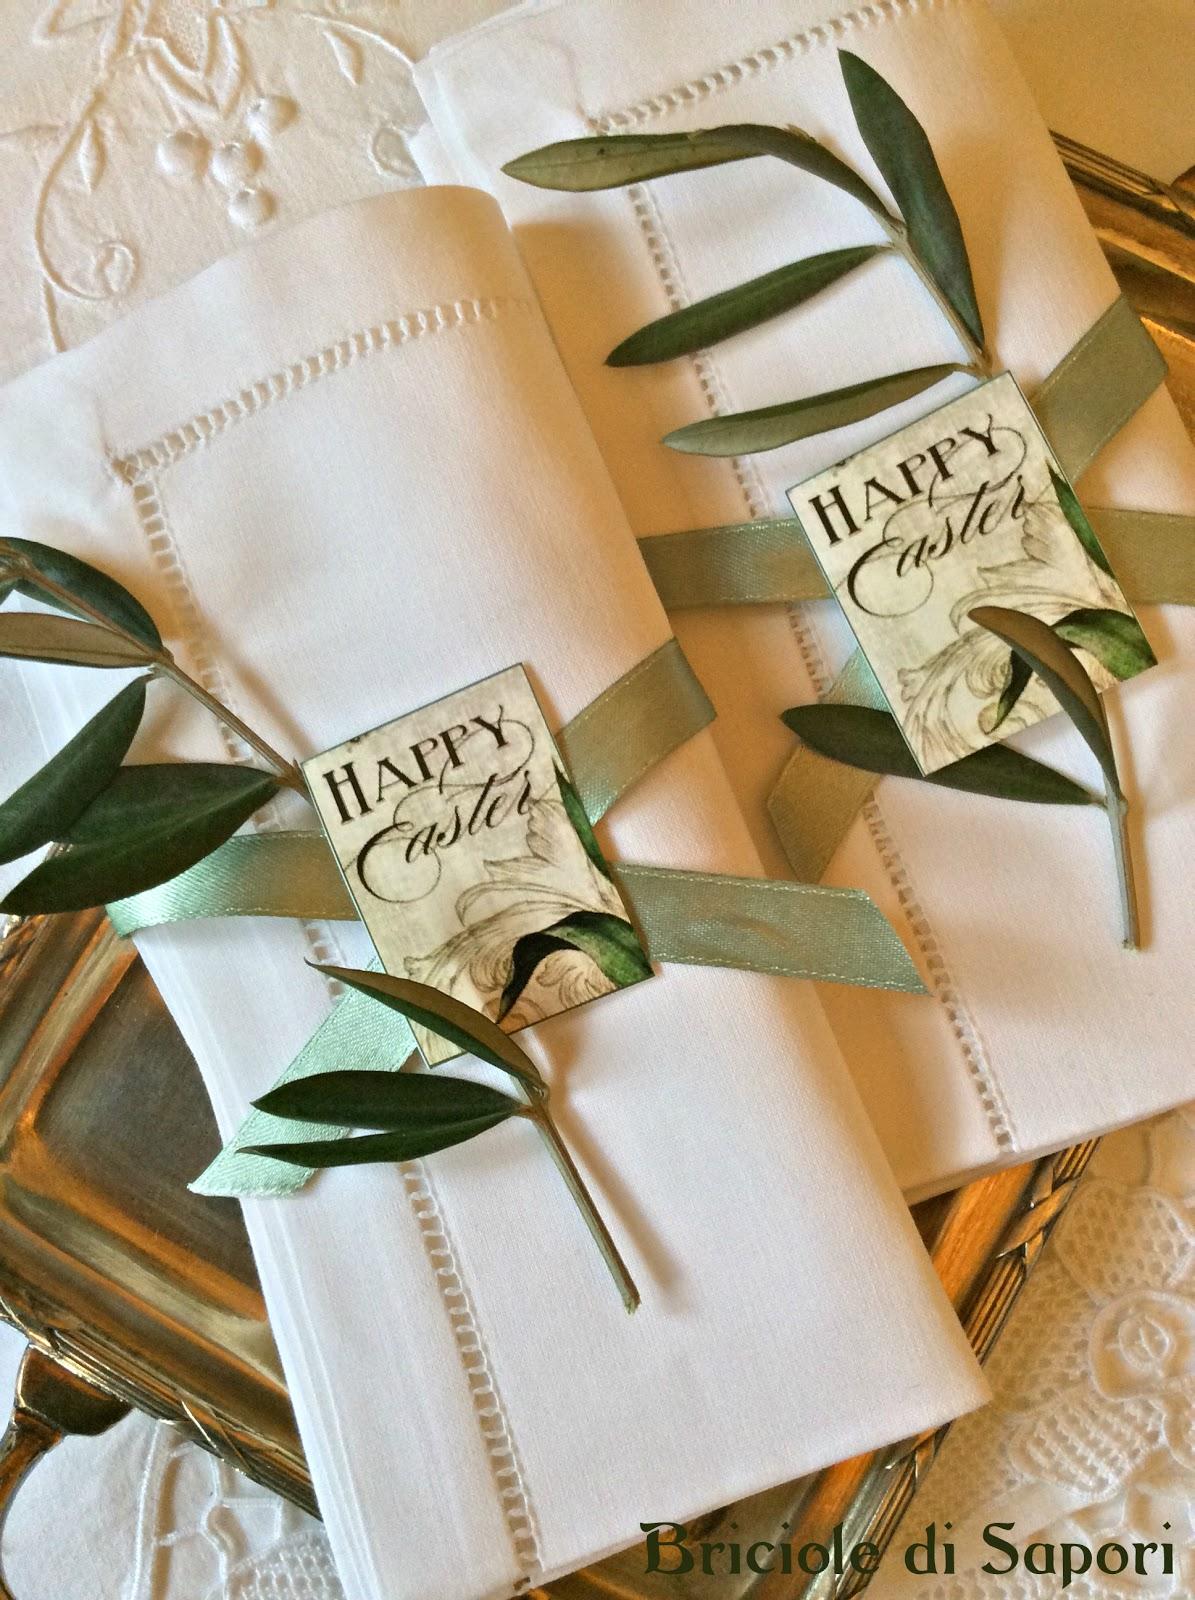 Segnaposto Matrimonio Tema Ulivo : Apparecchiare la tavola di pasqua chic e con una nota